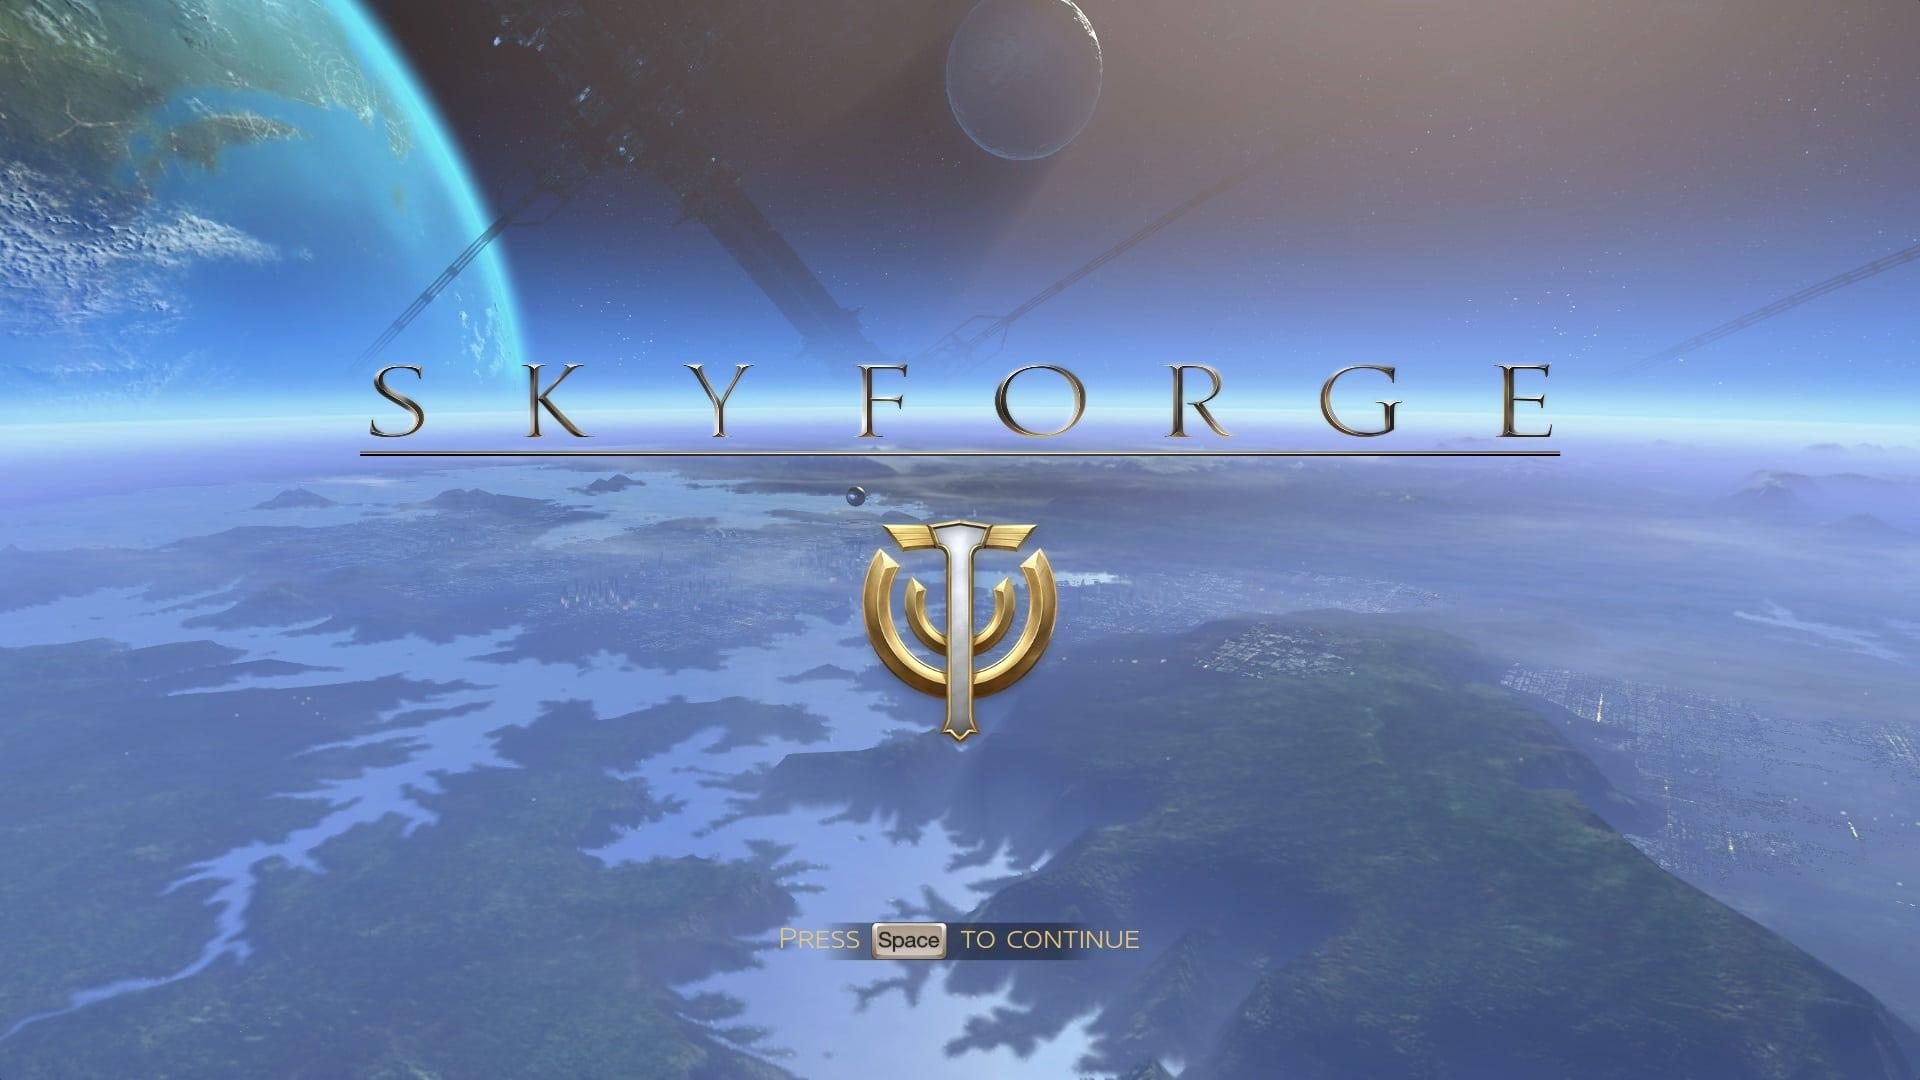 Skyforge : Comment bien commencer et ne pas perdre son temps 3